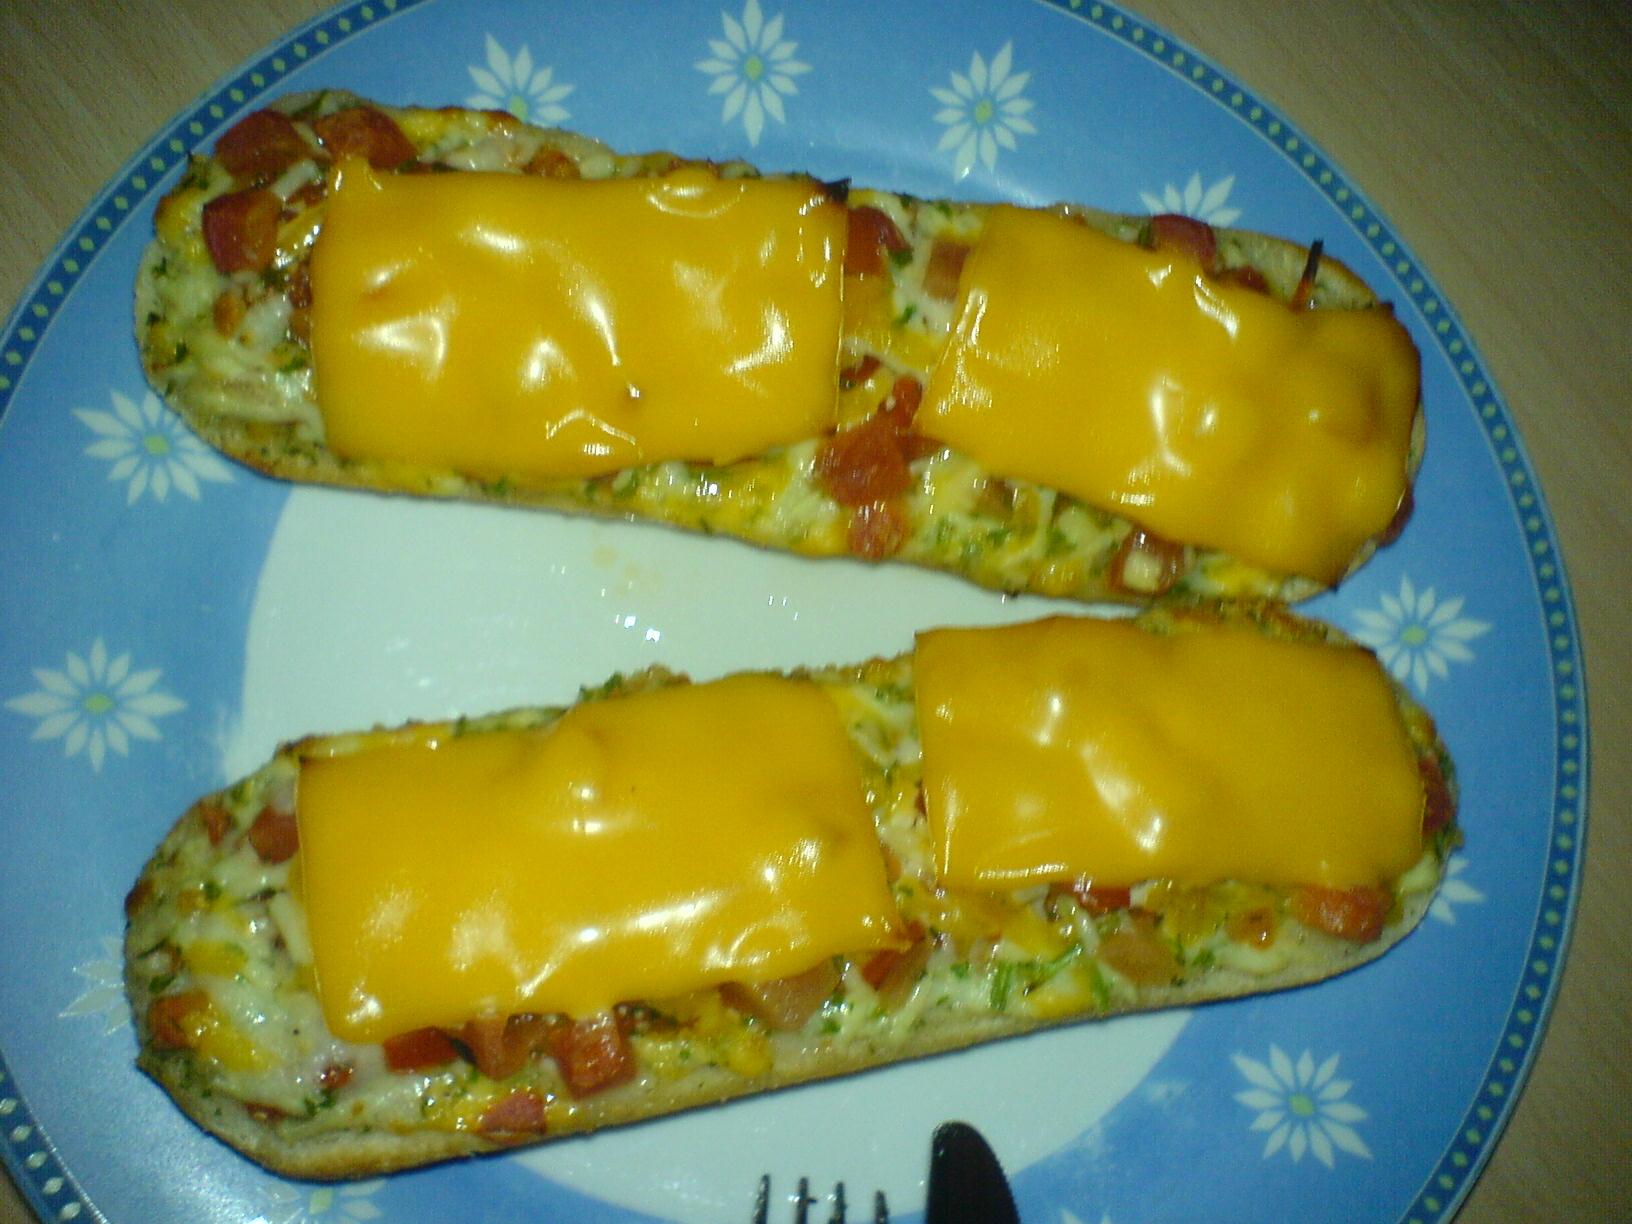 https://foodloader.net/Holz_2008-01-20_Bistro-Baguettes.jpg